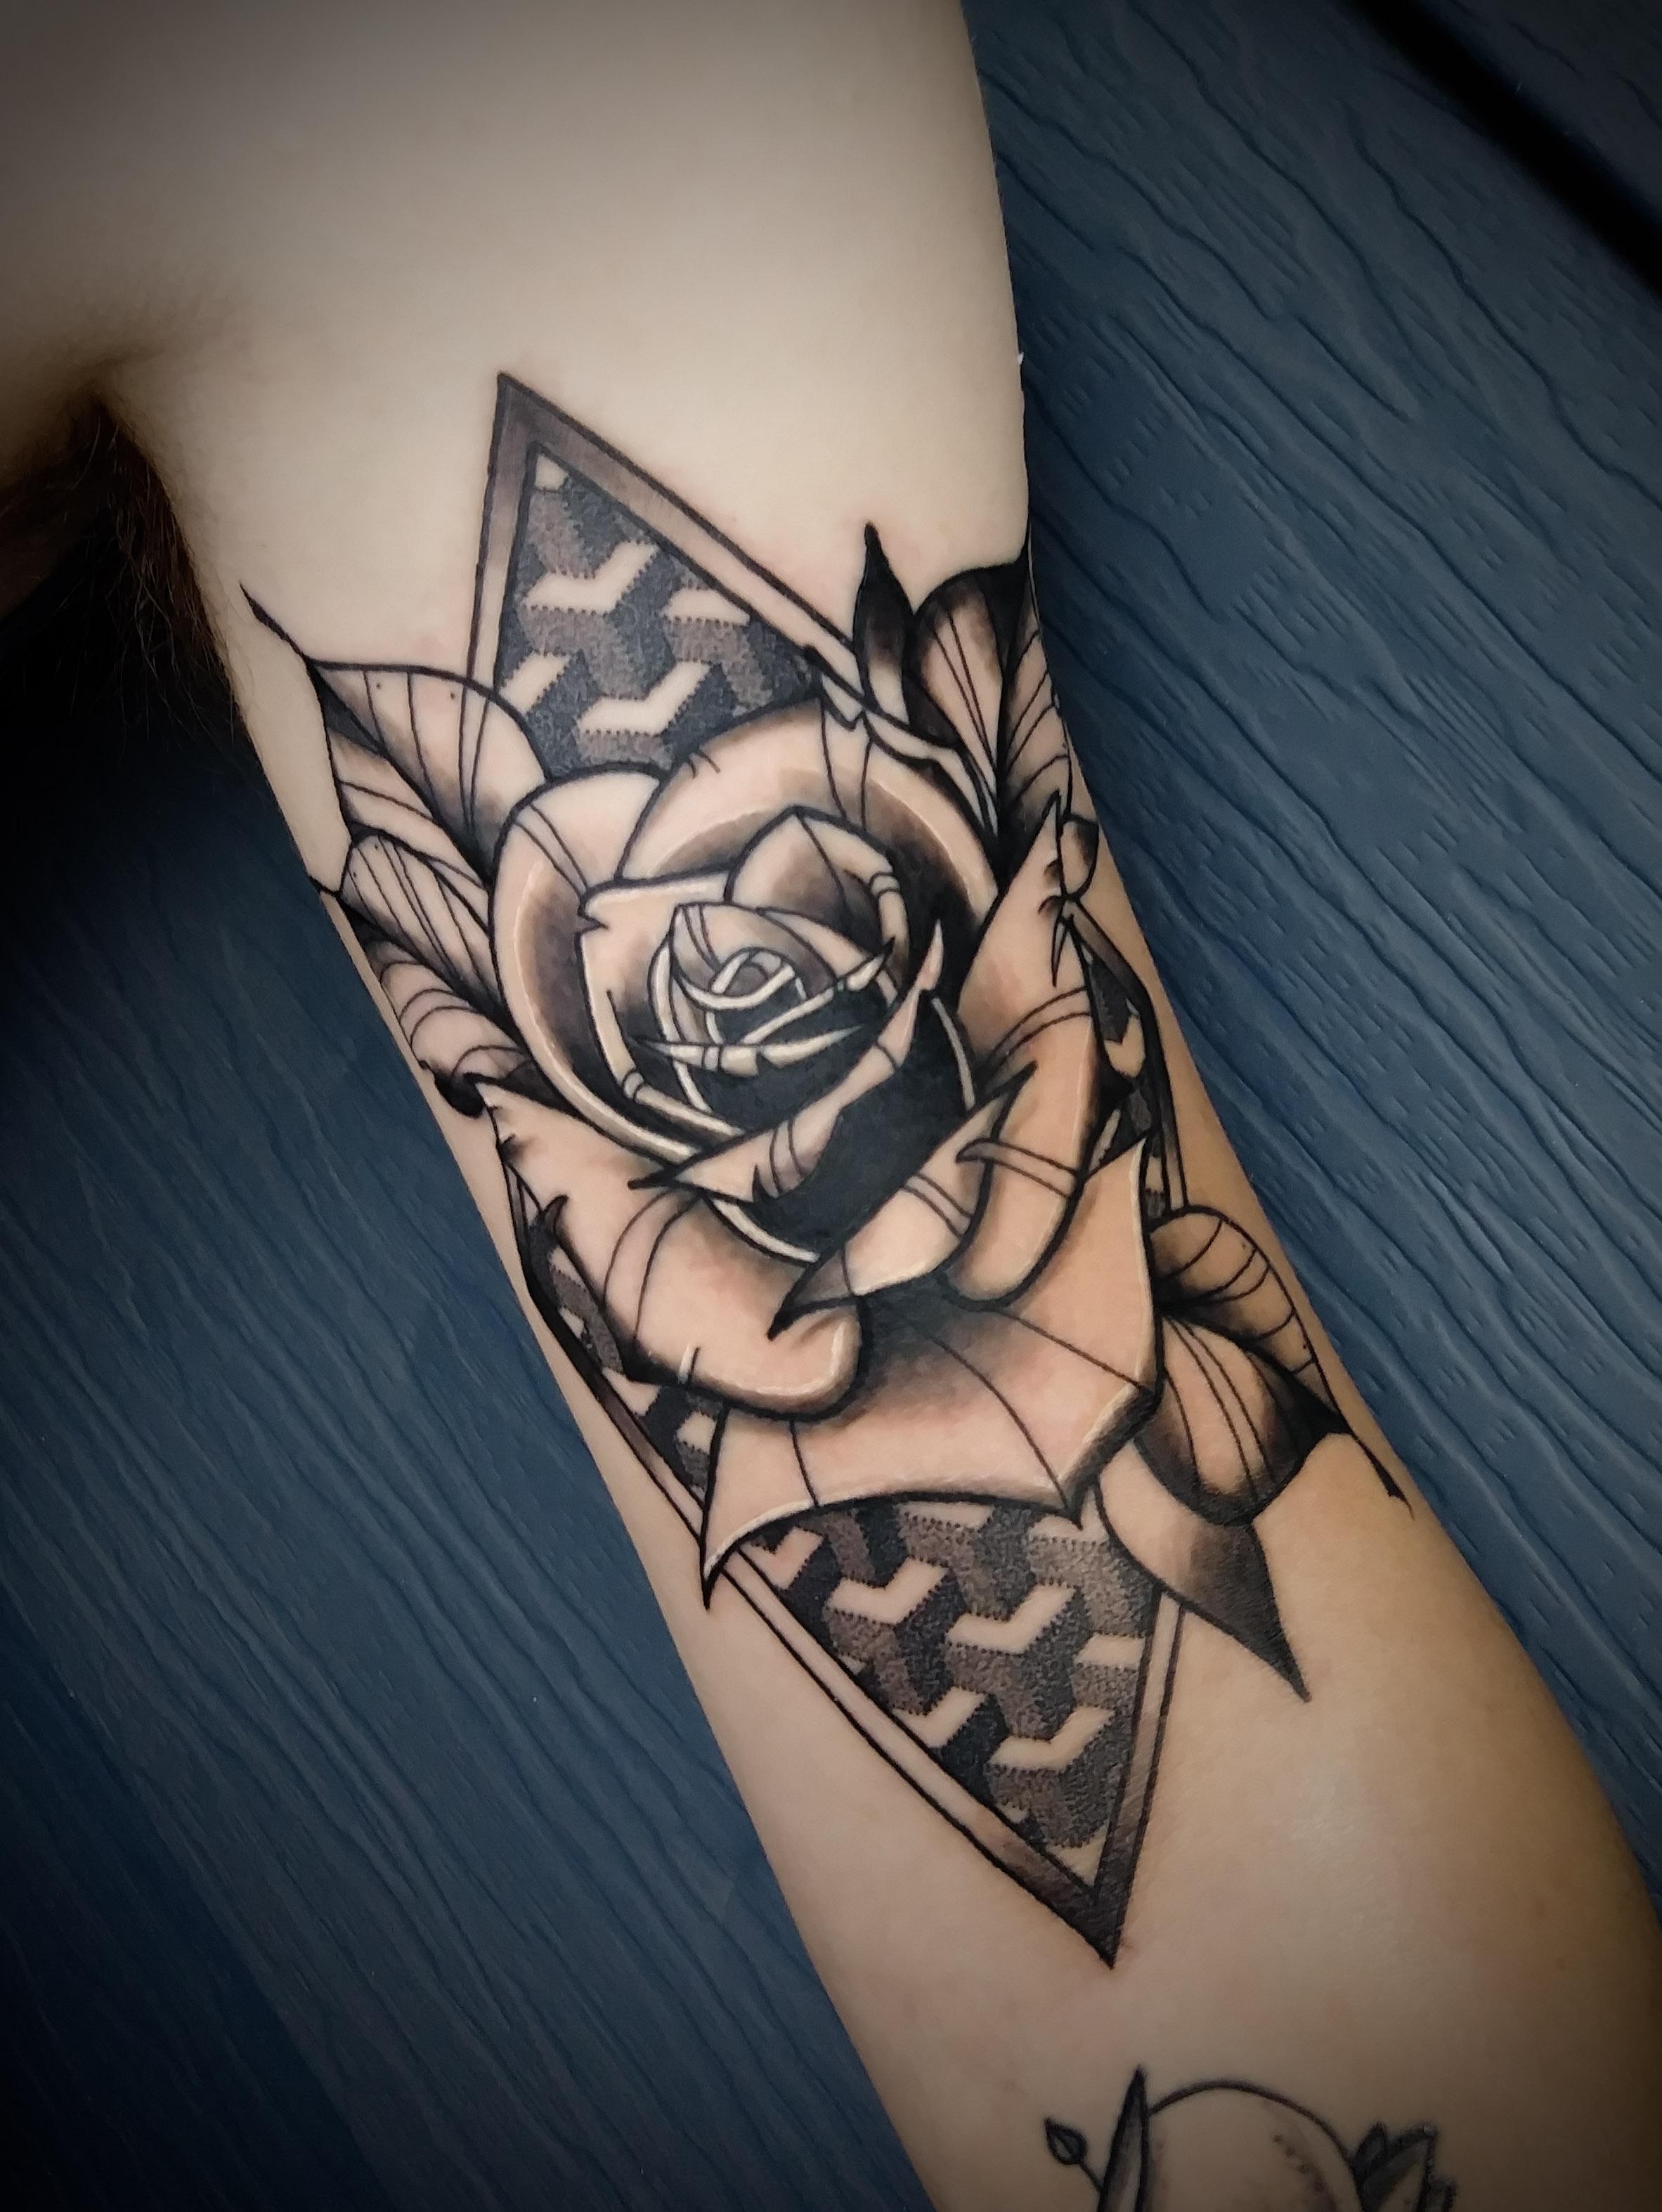 Charlotte nc custom tattoo shop canvas tattoo art gallery canvas tattoo art gallery izmirmasajfo